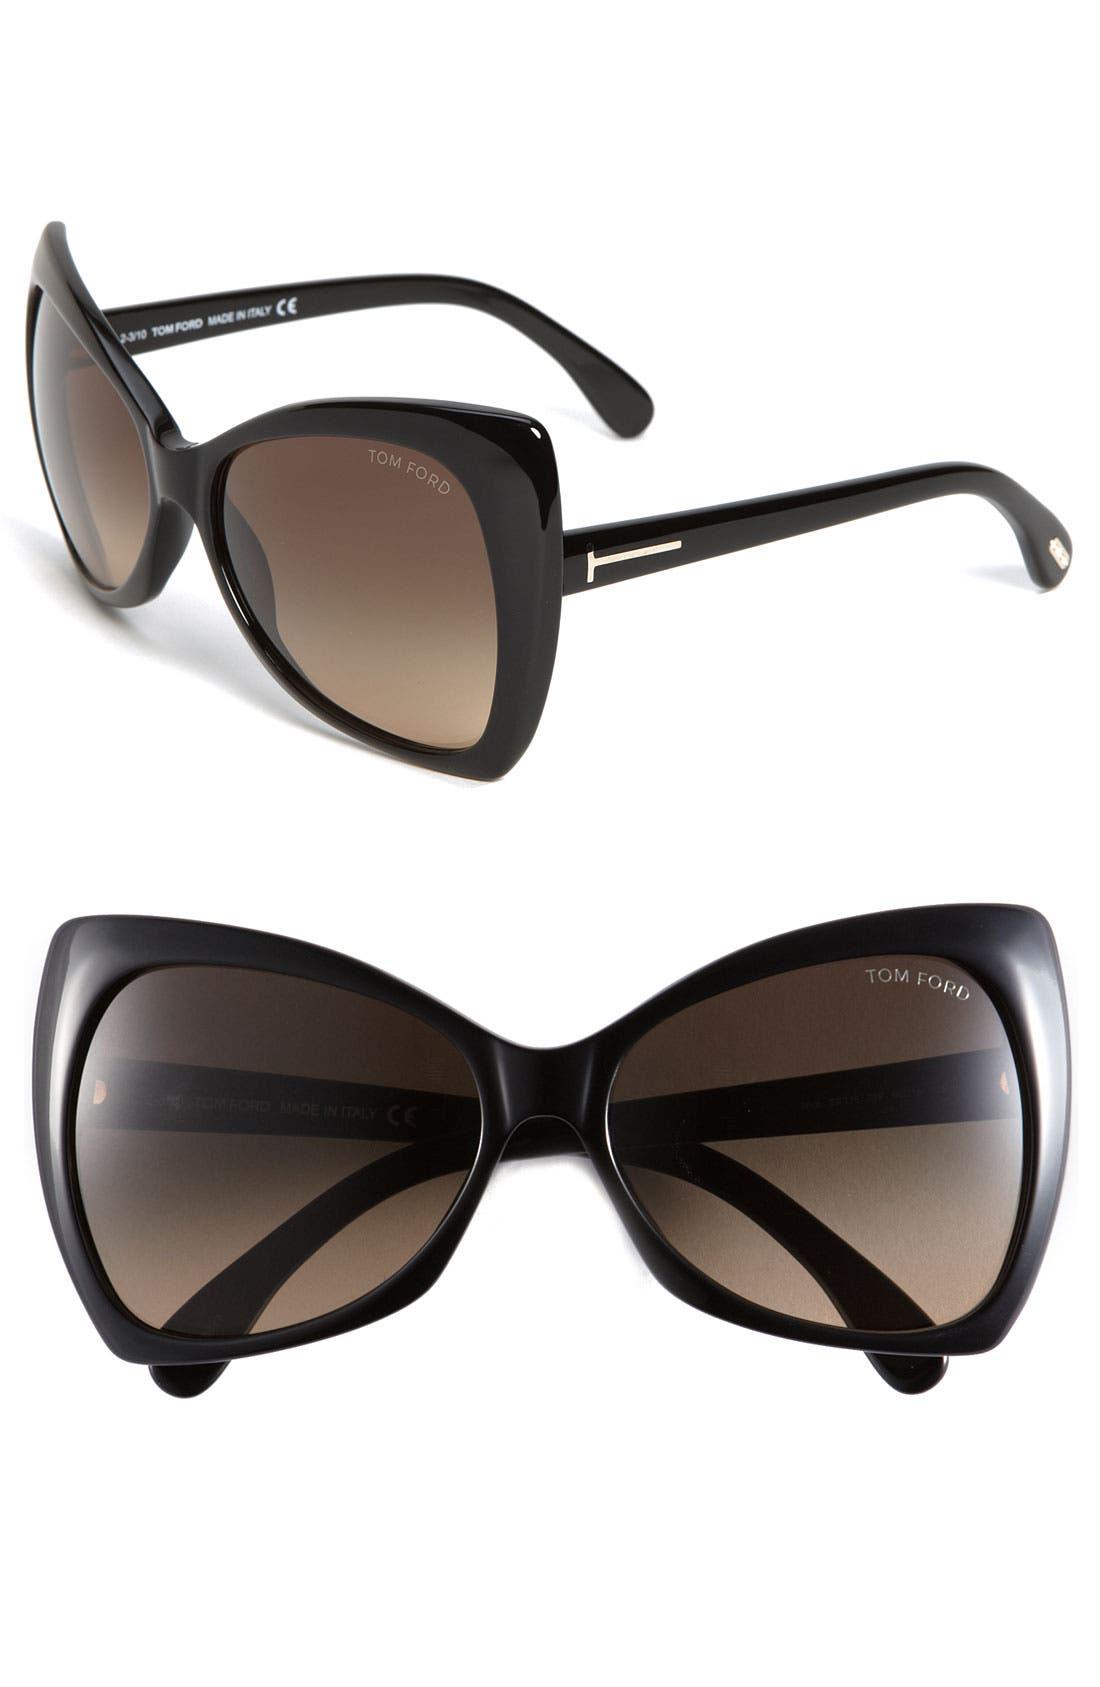 Main Image - Tom Ford 'Nico' Retro Inspired Frame Sunglasses